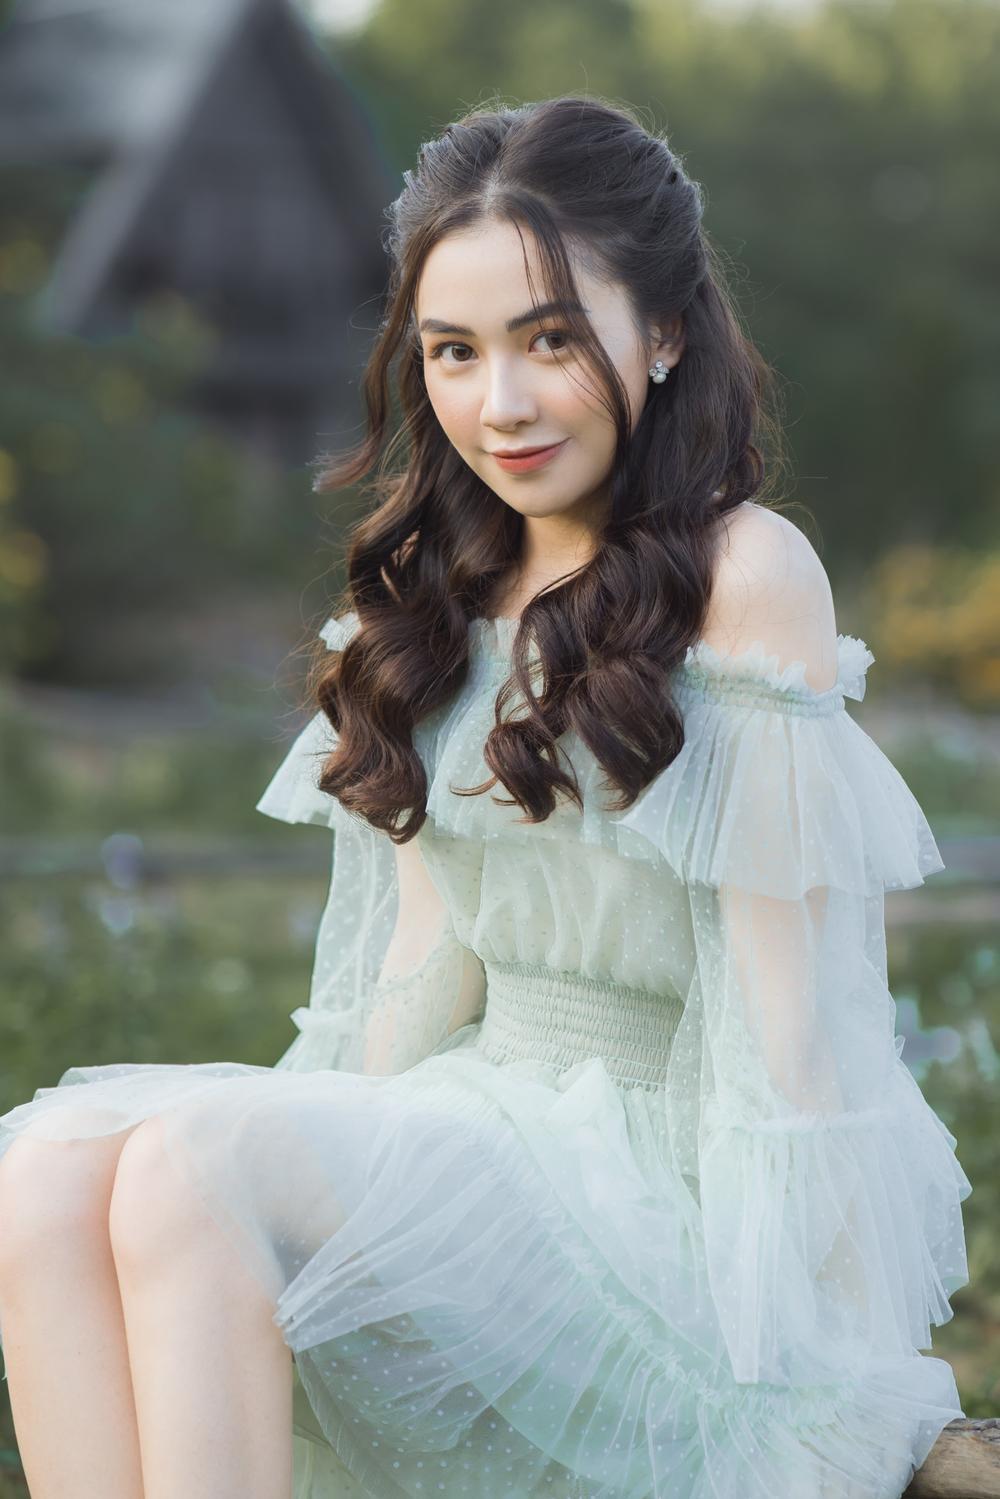 Nữ sinh ĐH Văn hóa nghệ thuật Quân đội với ngoại hình xinh đẹp, chia sẻ niềm đam mê đặc biệt với âm nhạc Ảnh 9